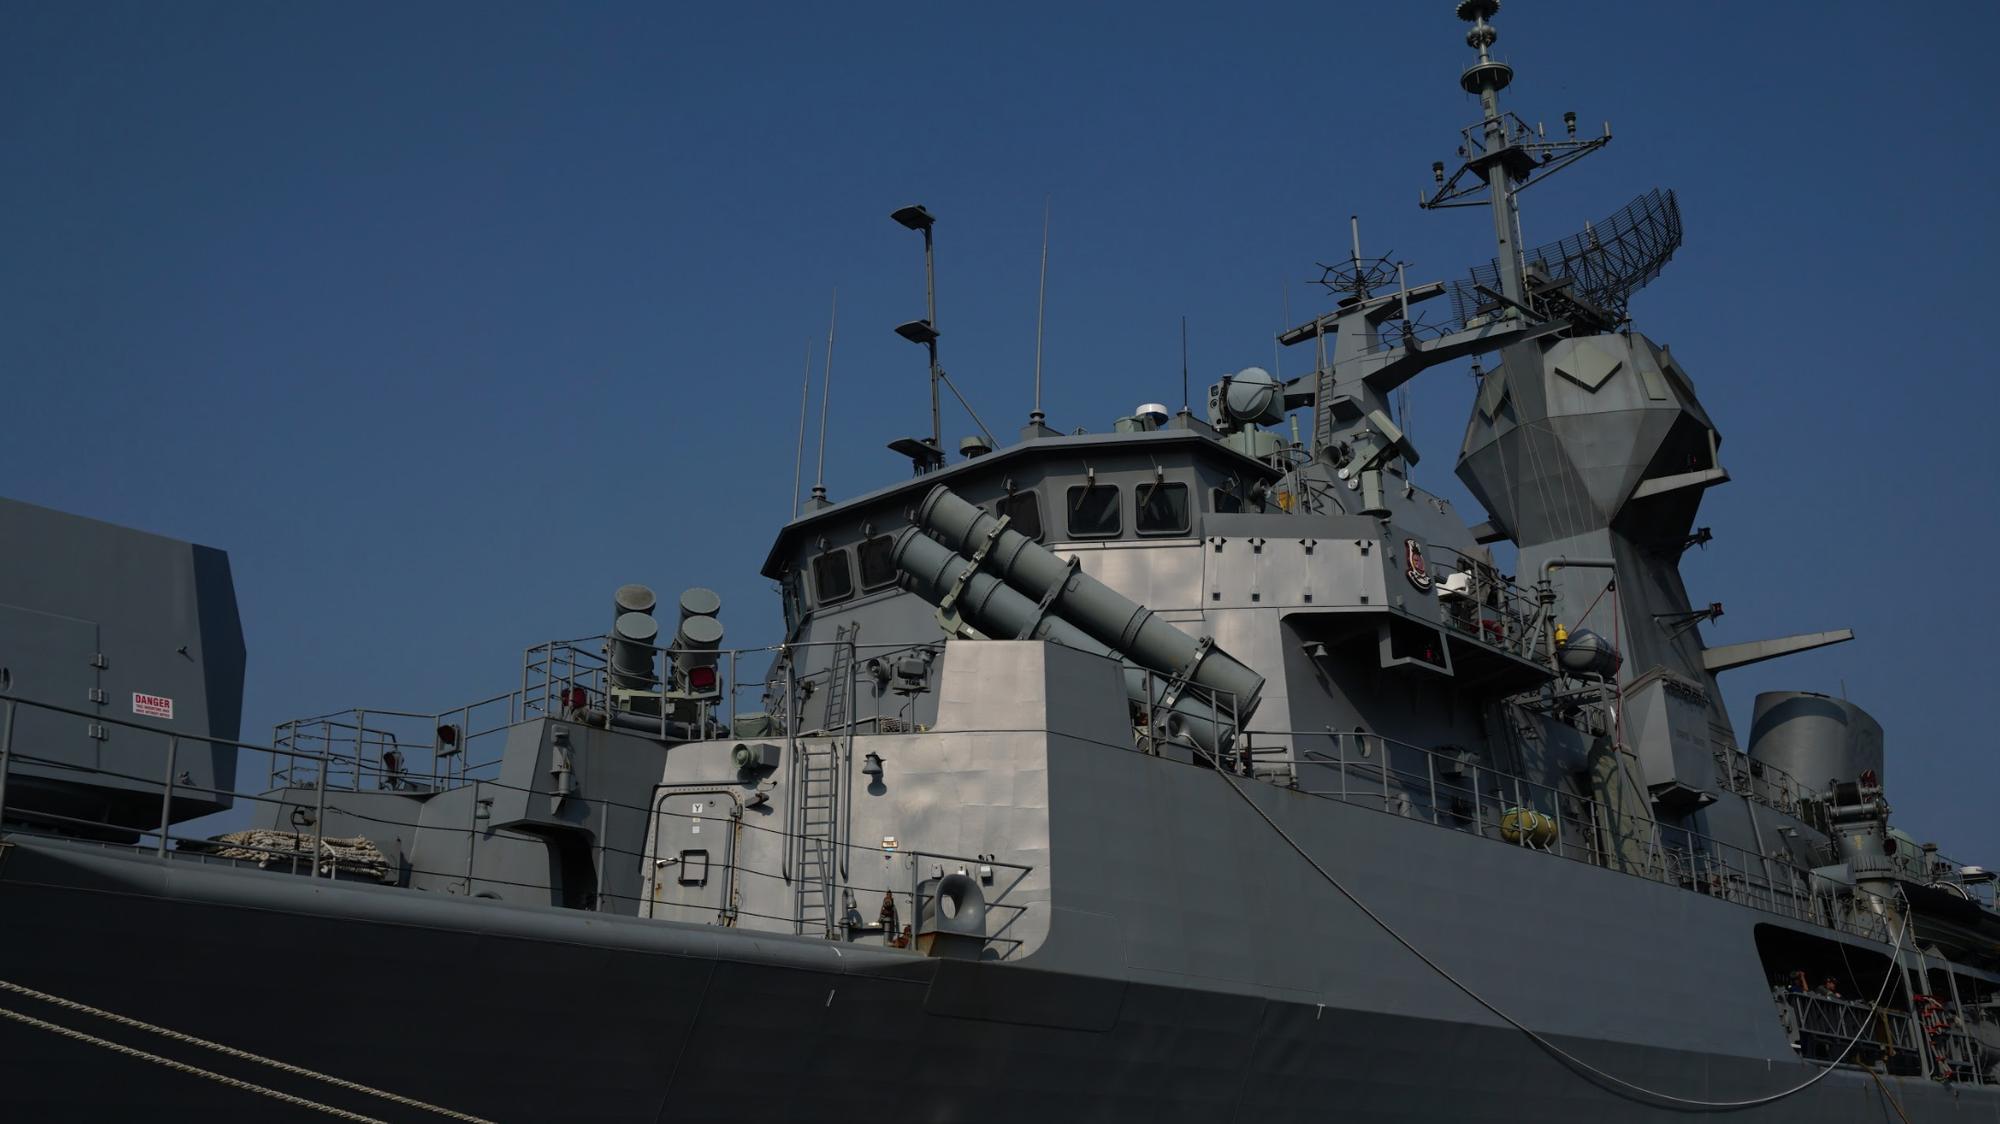 Cận cảnh 3 chiến hạm Hải quân Hoàng gia Australia cập cảng TP.HCM 3